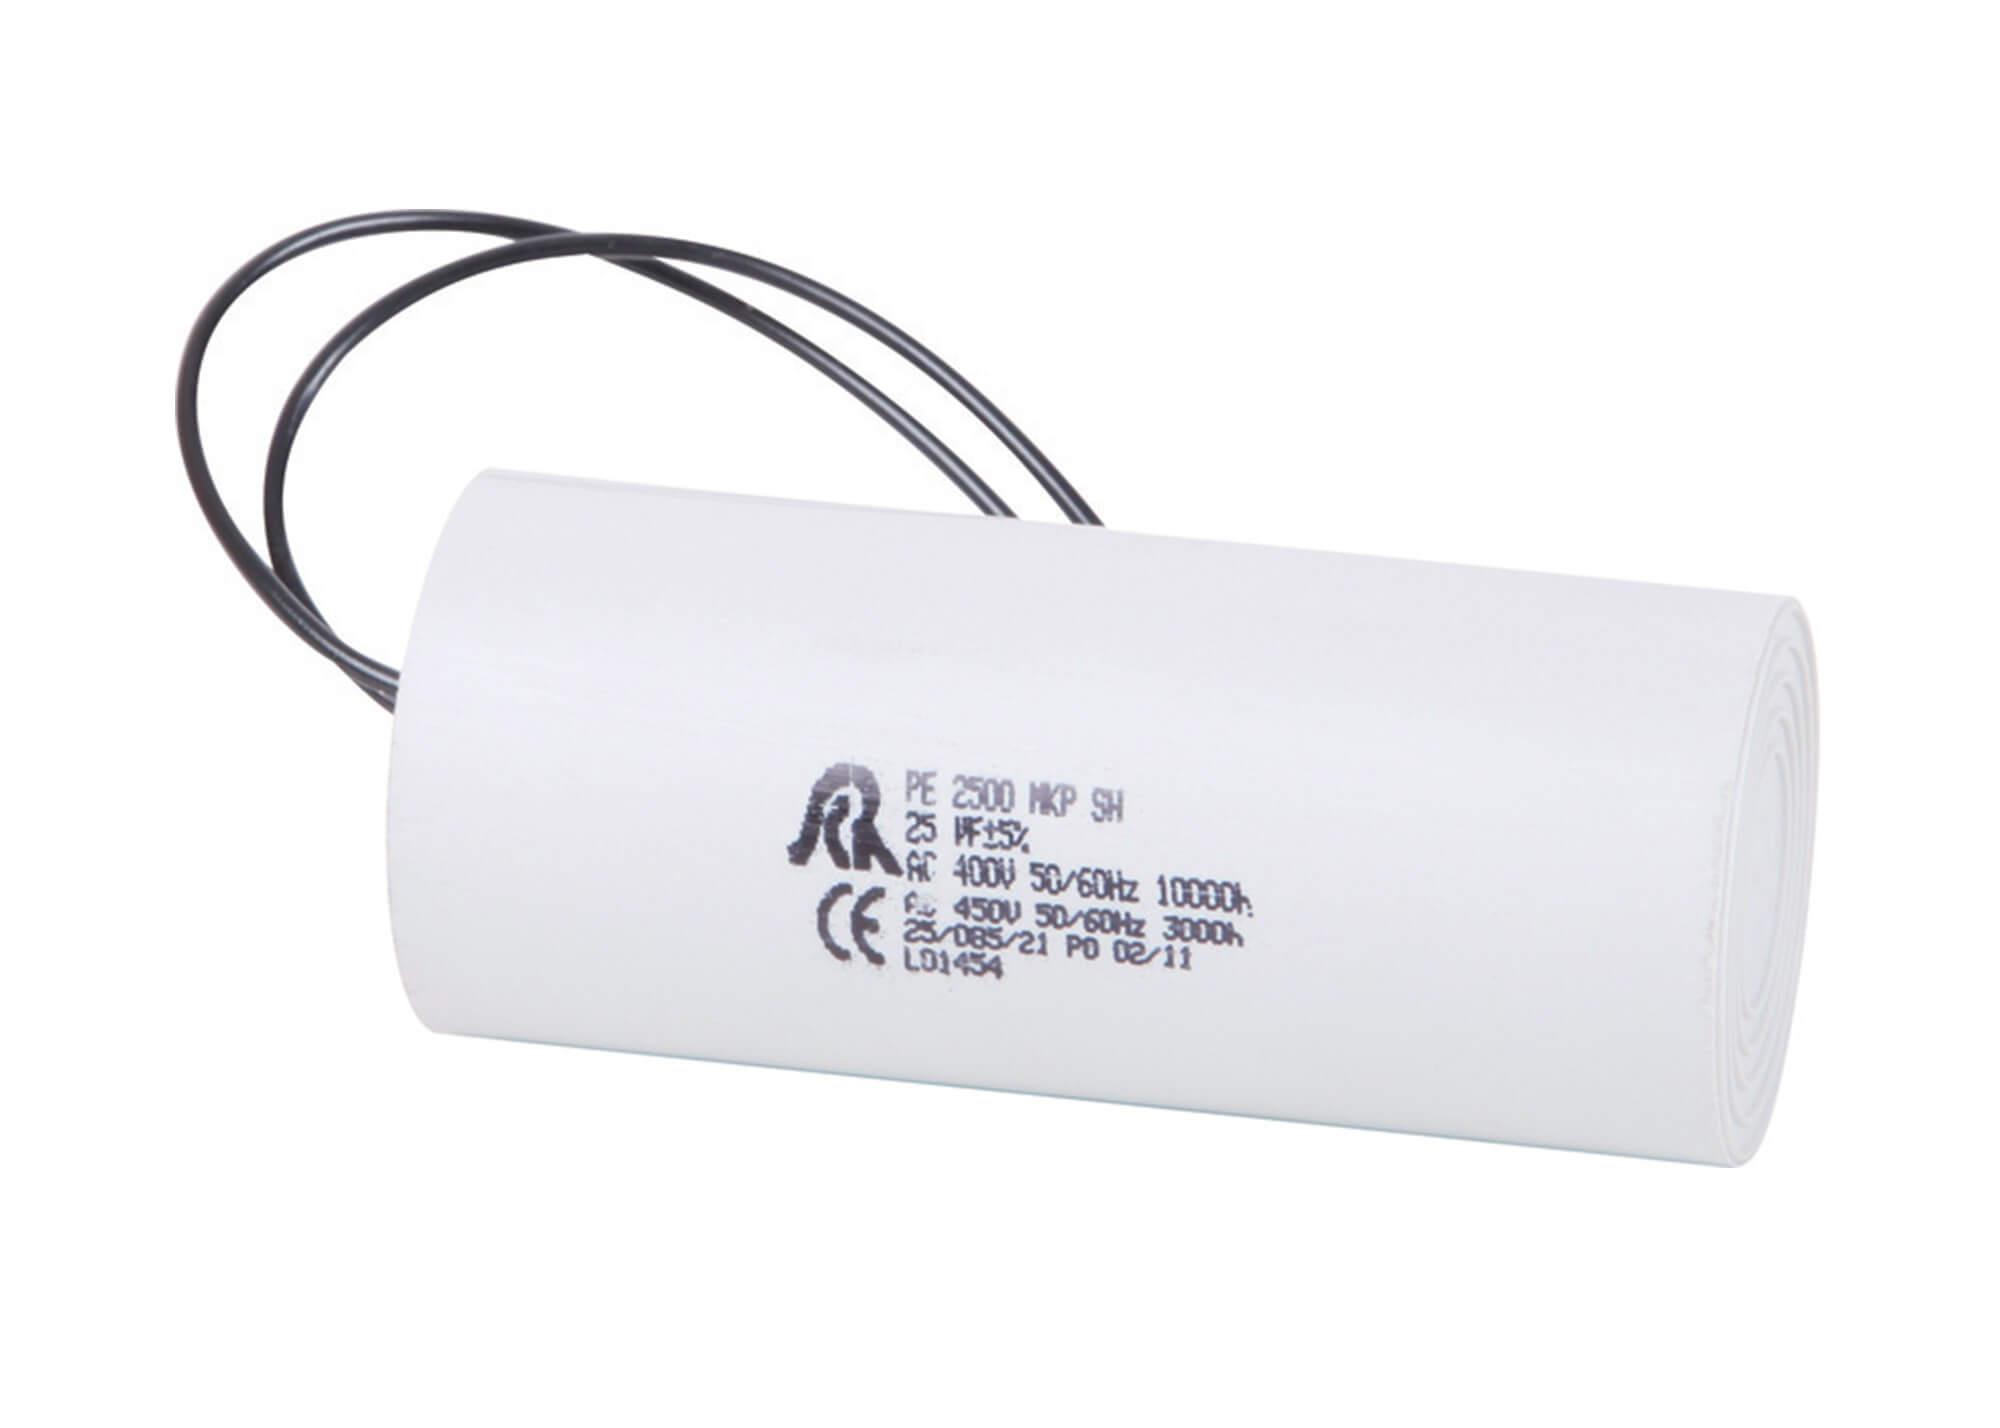 Condensateur P150m 25 F Piscines Waterair